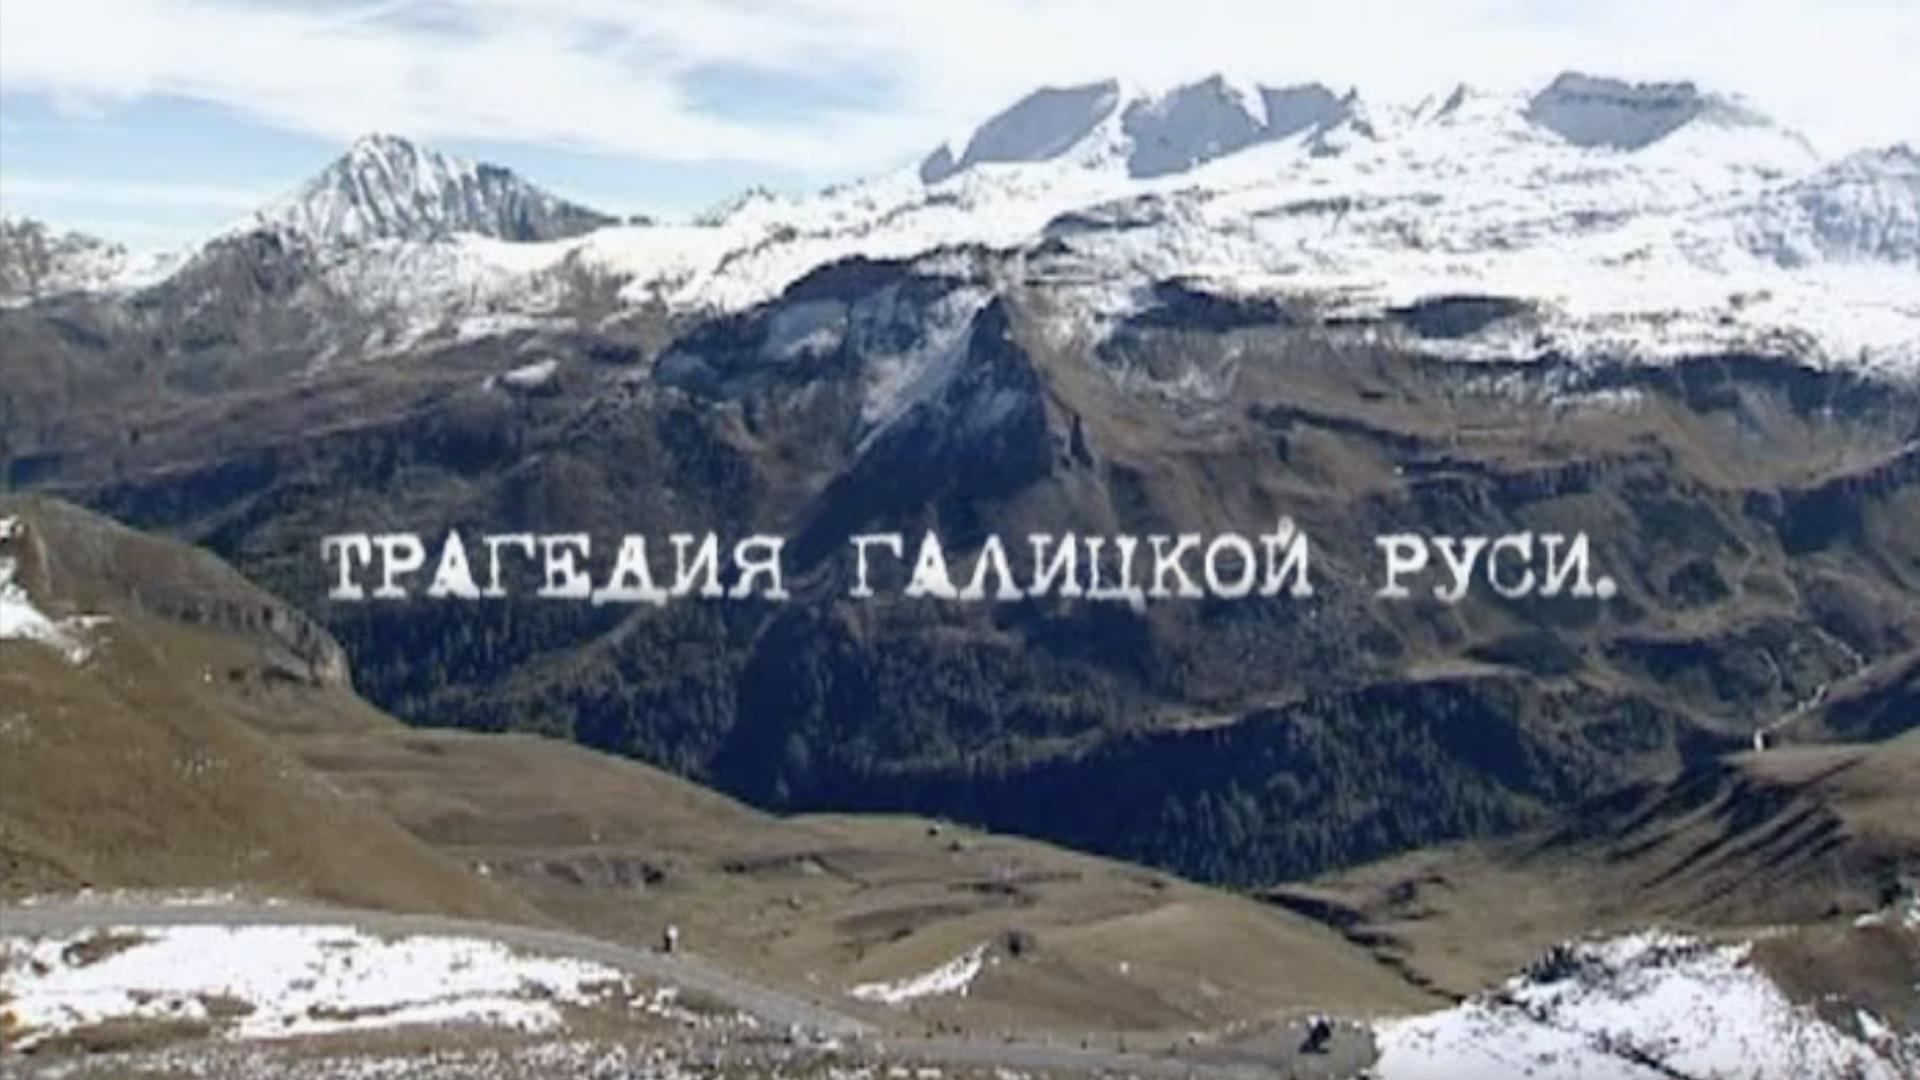 Трагедия Галицкой Руси